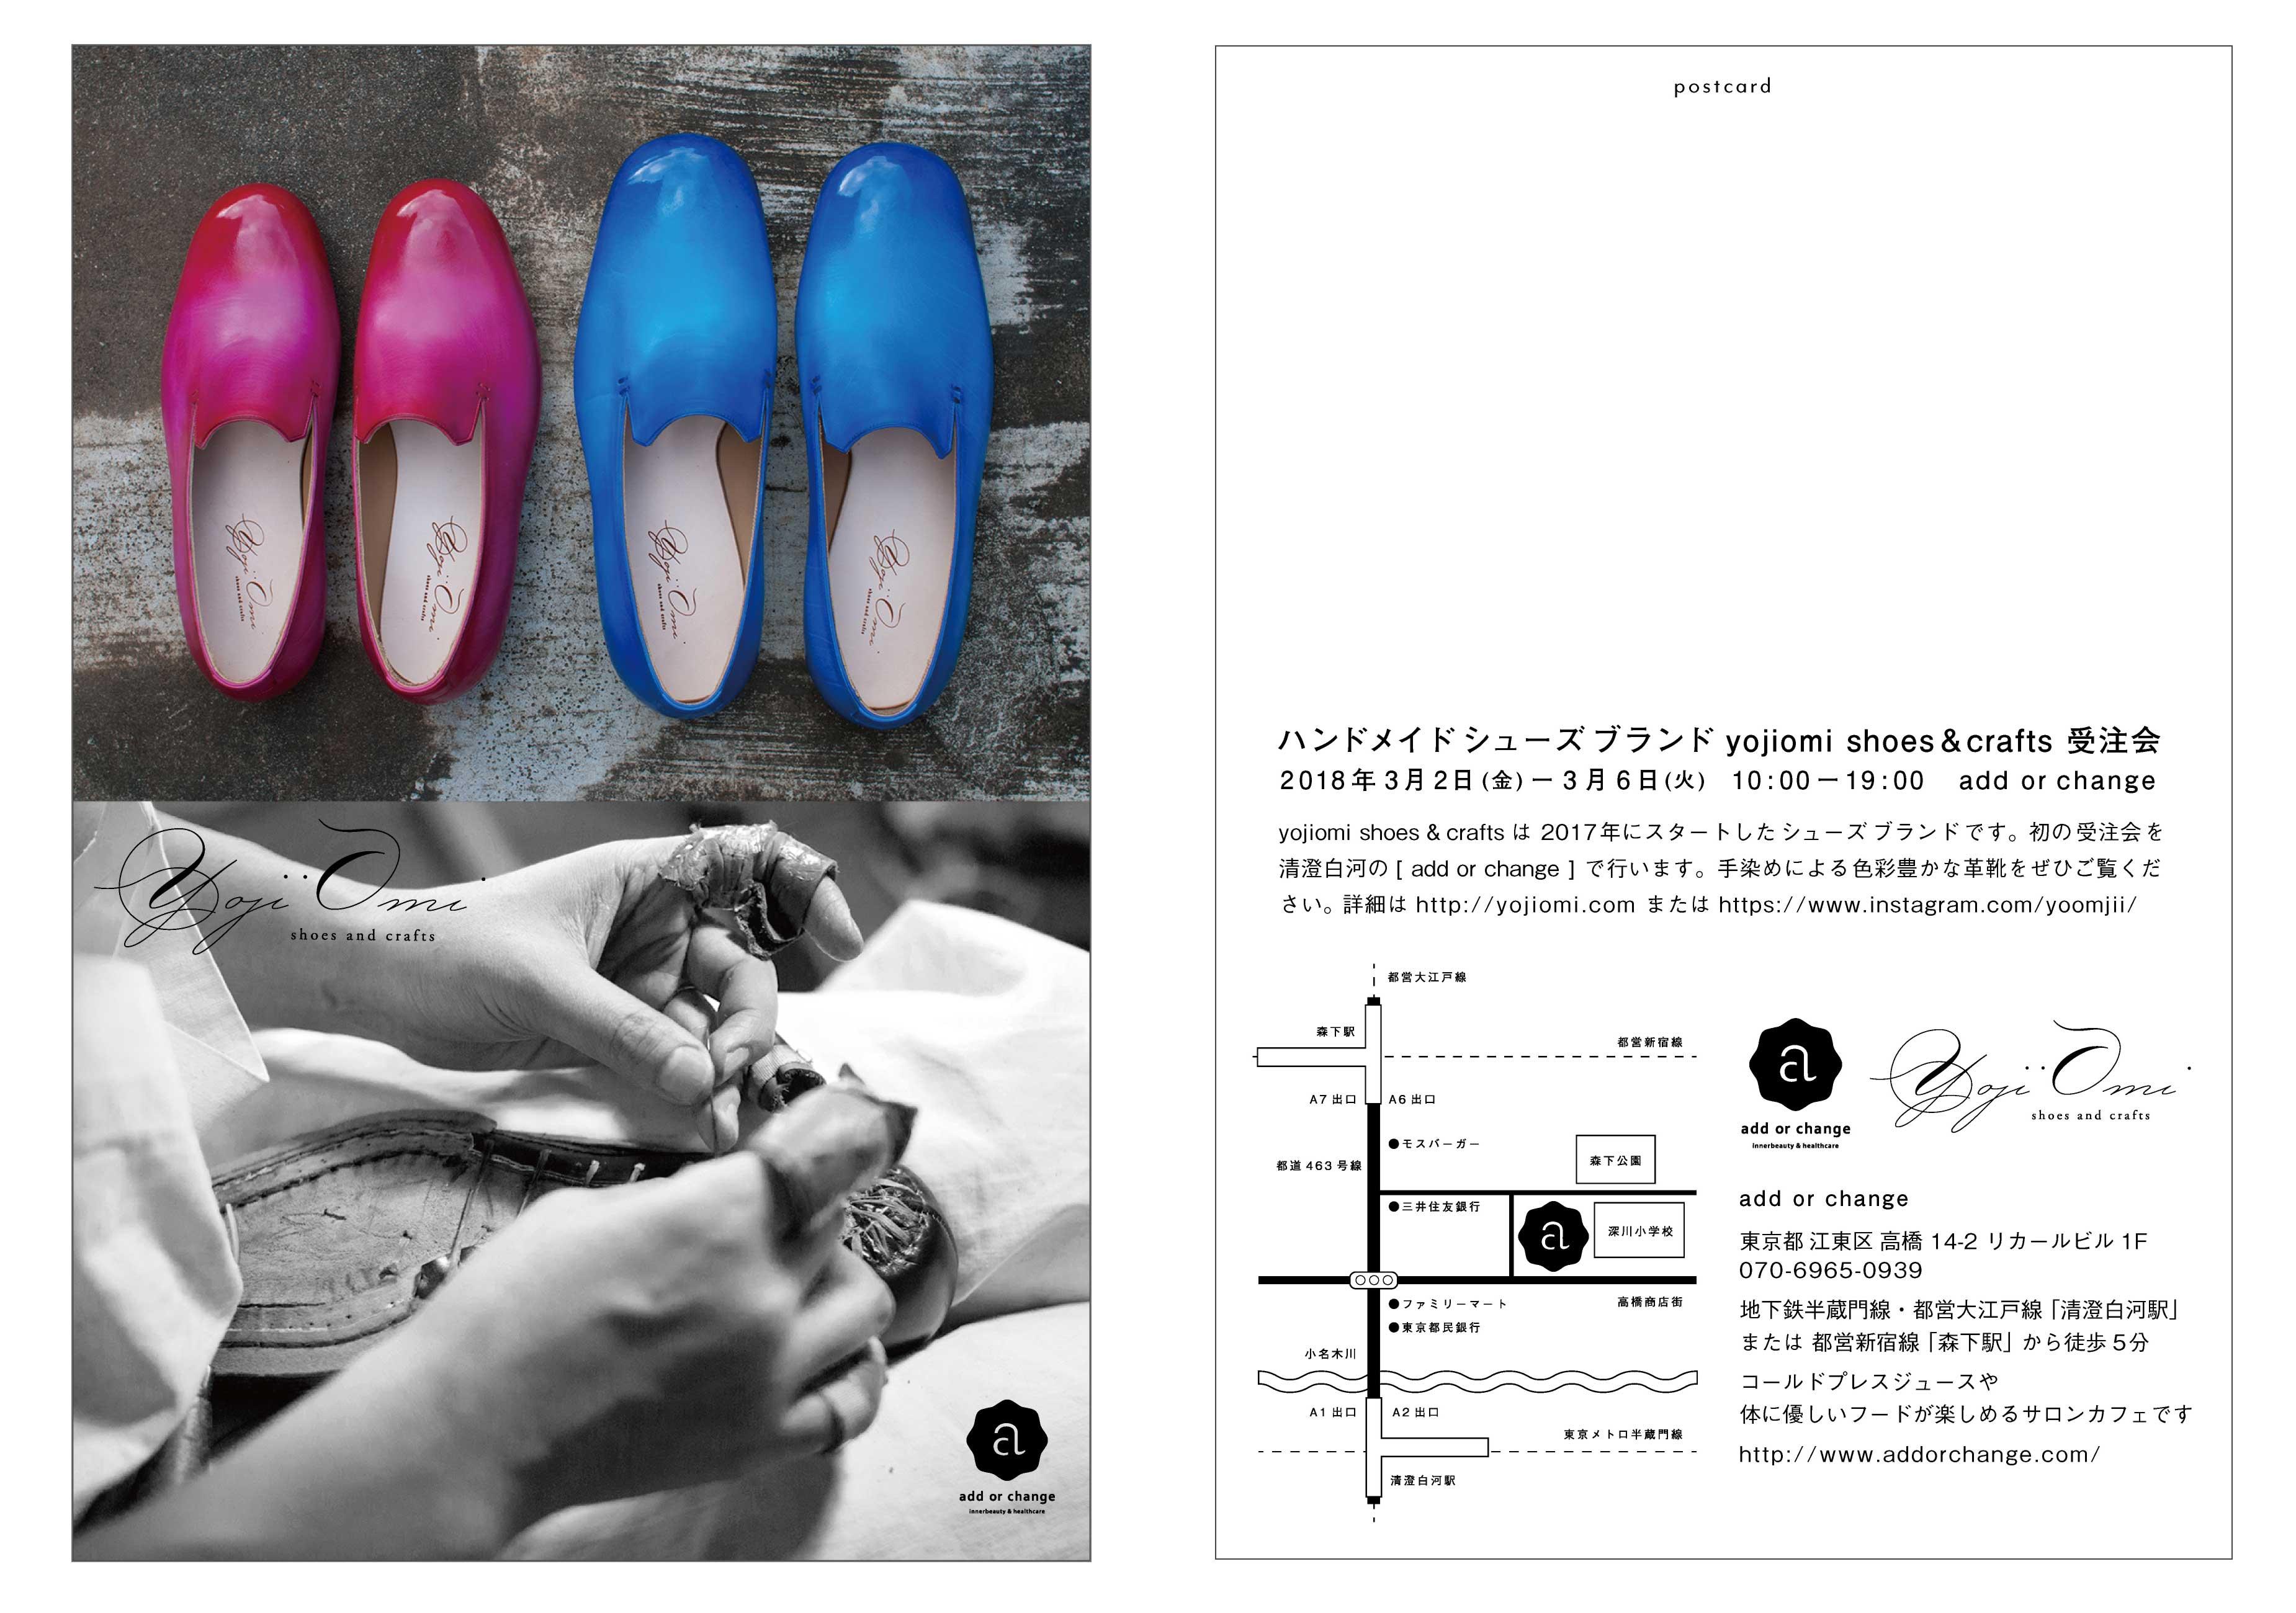 yojiomi 革靴 受注会 清澄白河